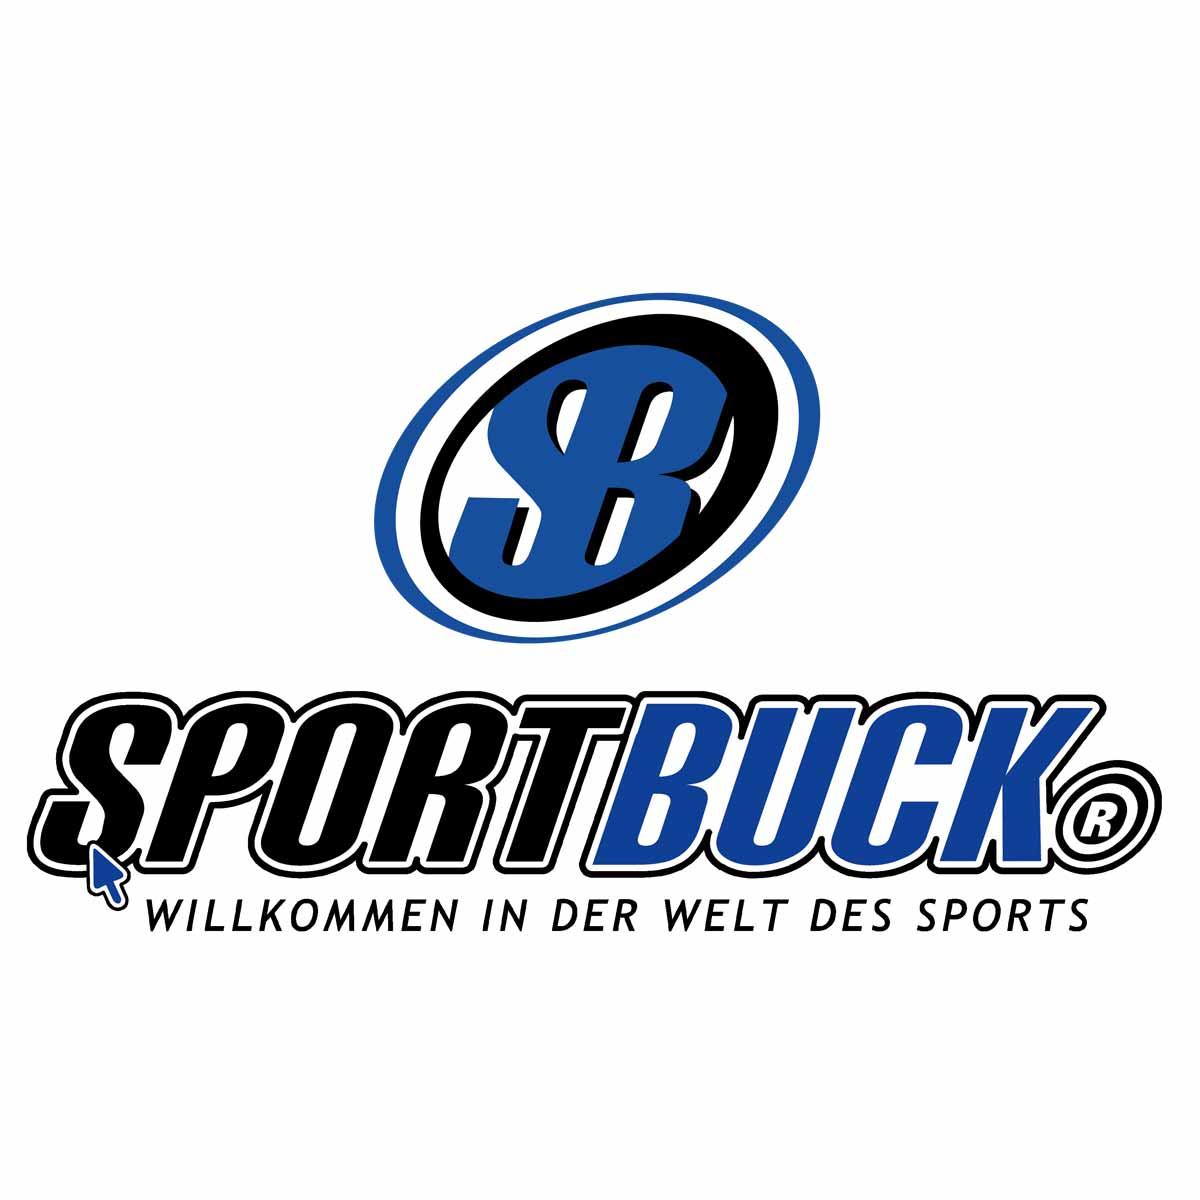 Gutschein bei Sportbuck